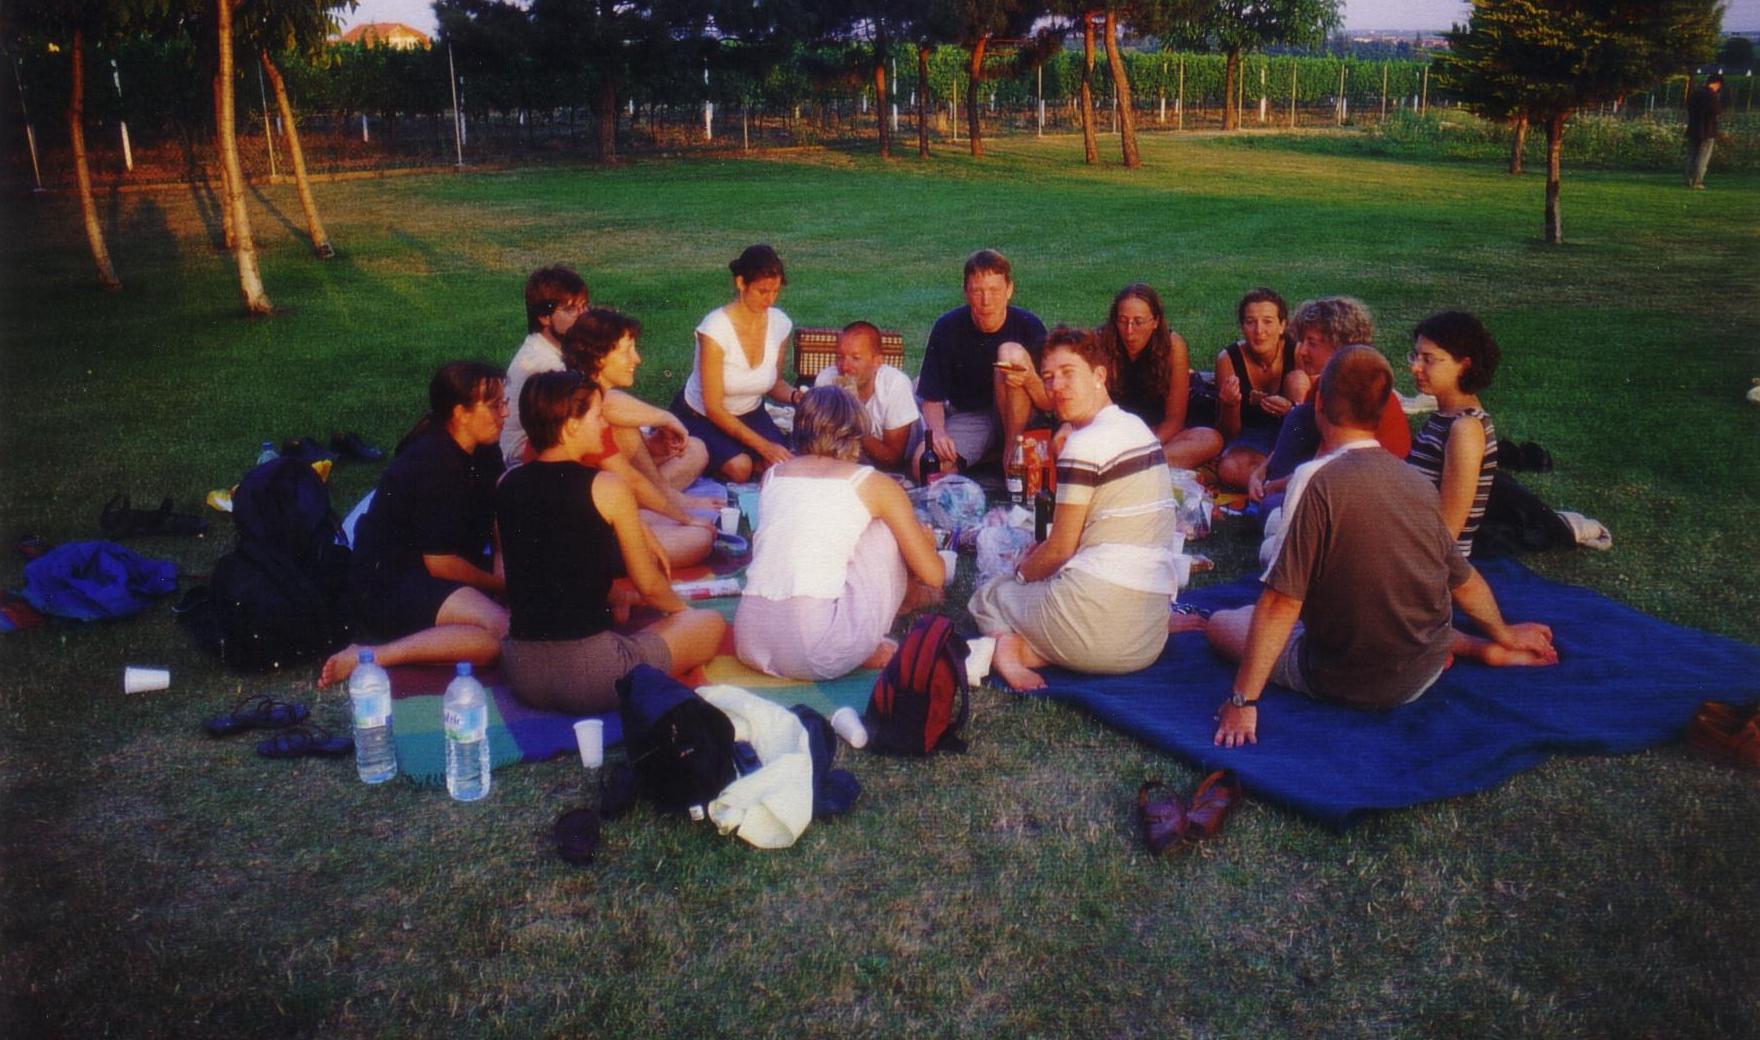 Abendliches Picknick im Englischen Garten neben der Opernbühne